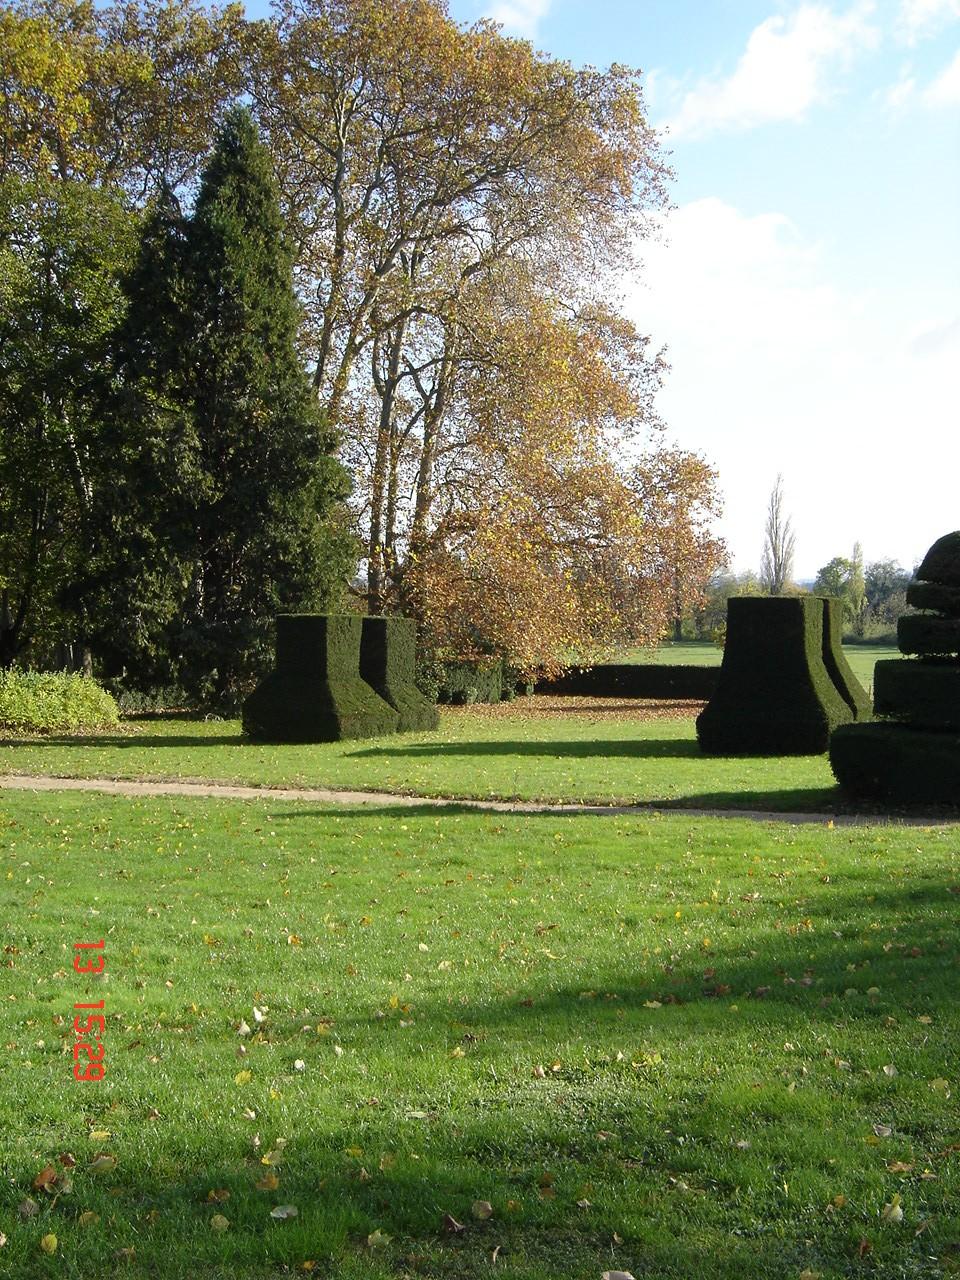 Le jardin chateau de longsard au nord de lyon for Le jardin 69008 lyon